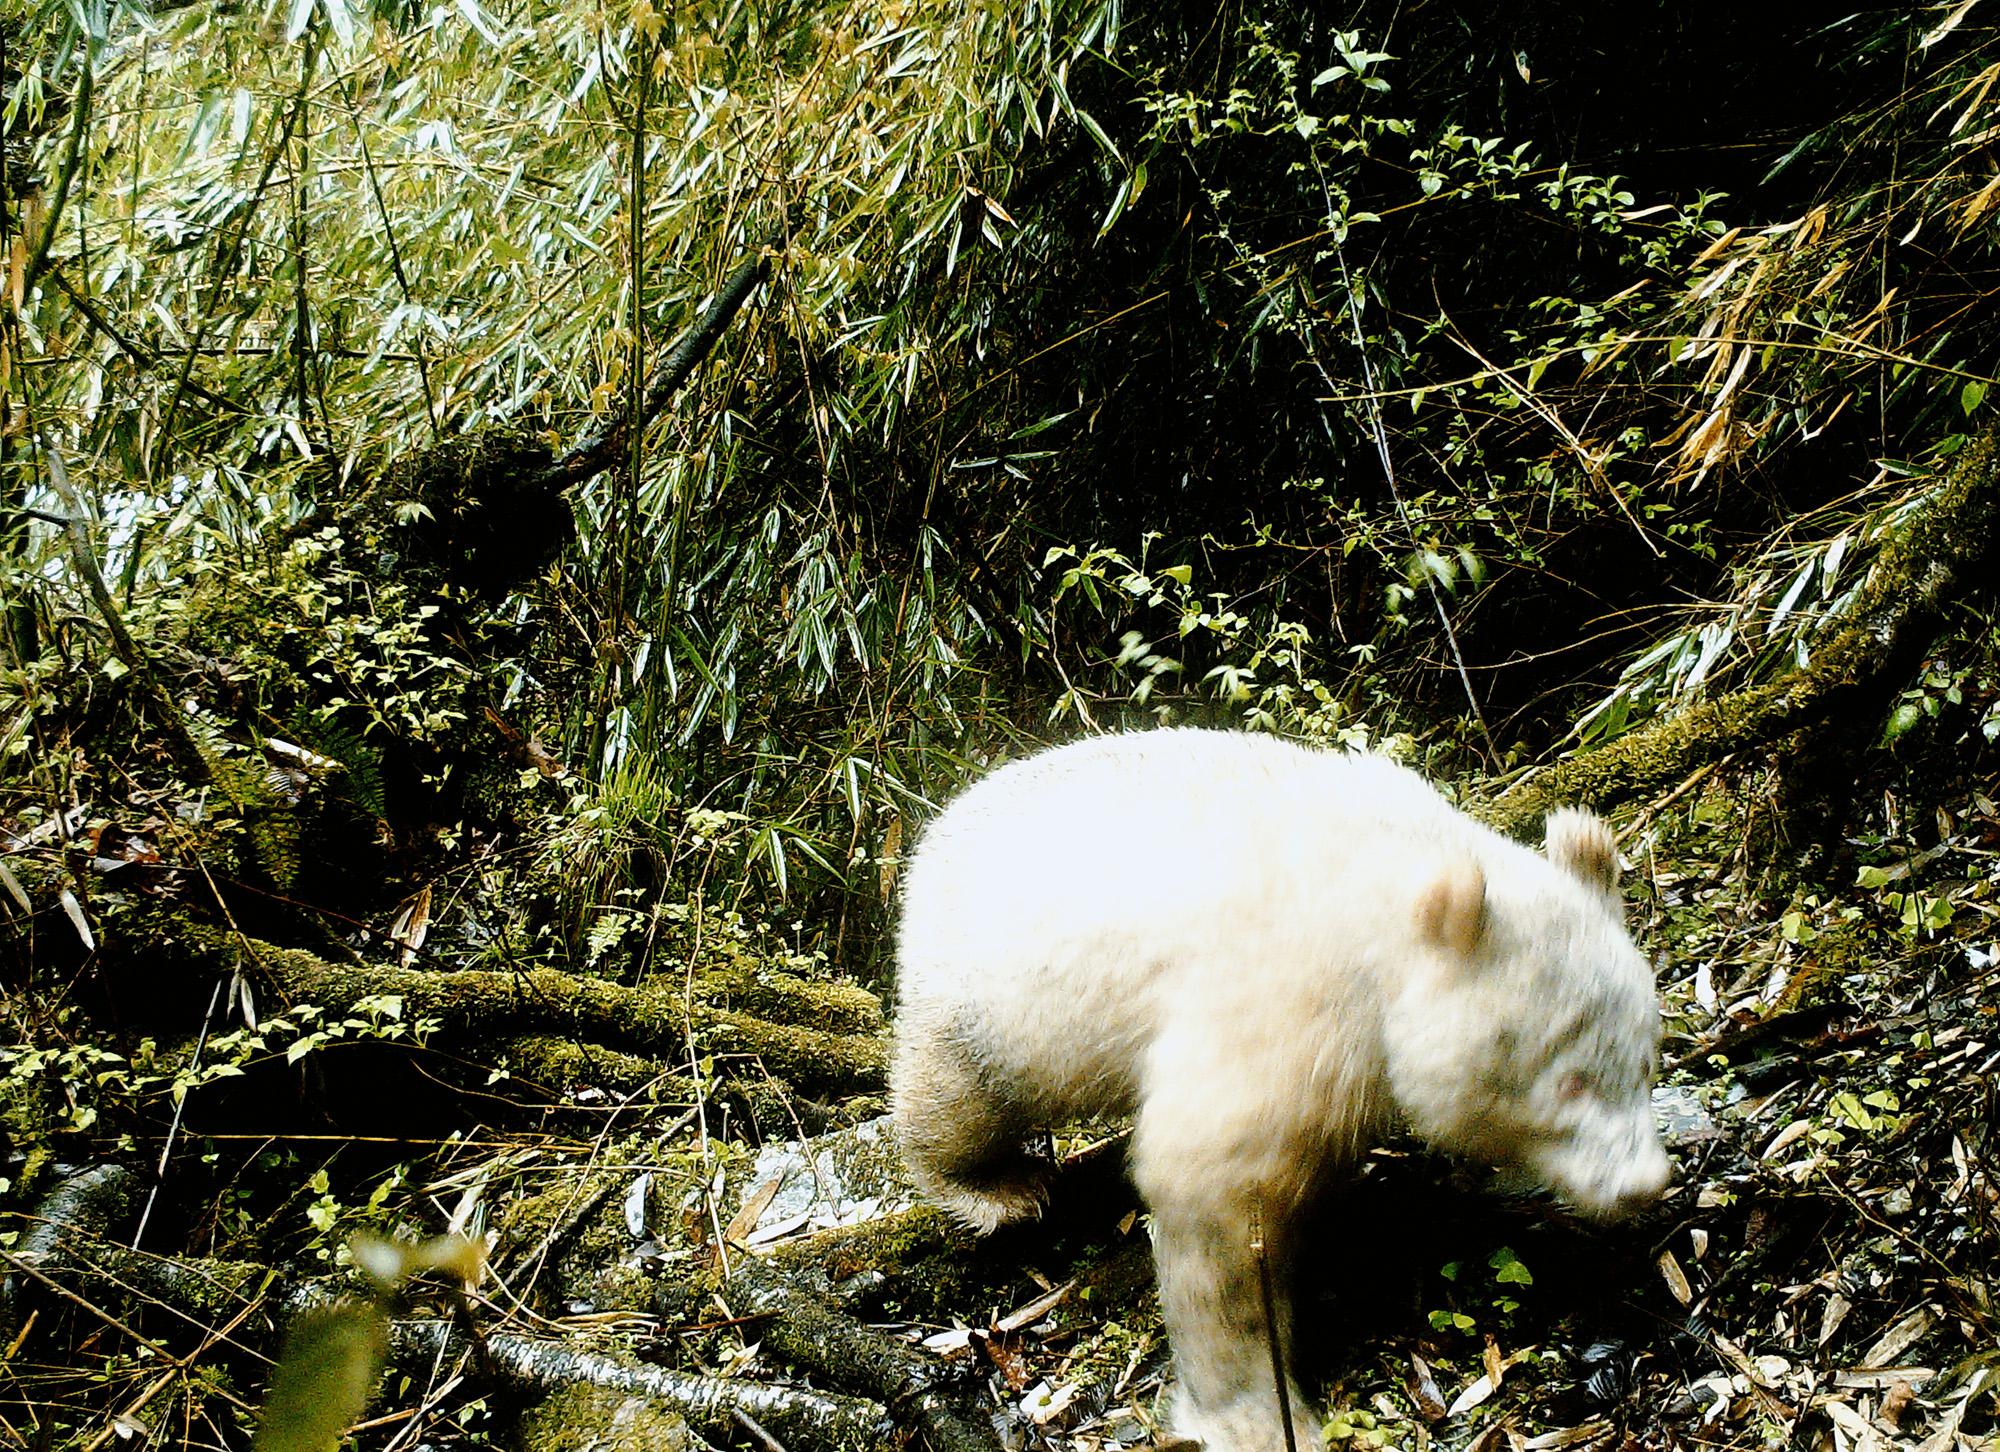 Фото синфракрасной камеры, накотором впервые вистории удалось запечатлеть гигантскую белую панду, замеченную вНациональном природном заповеднике Волонг впровинции Сычуань, Китай, 20 апреля 2019 года (снимок опубликован 27 мая 2019 года)